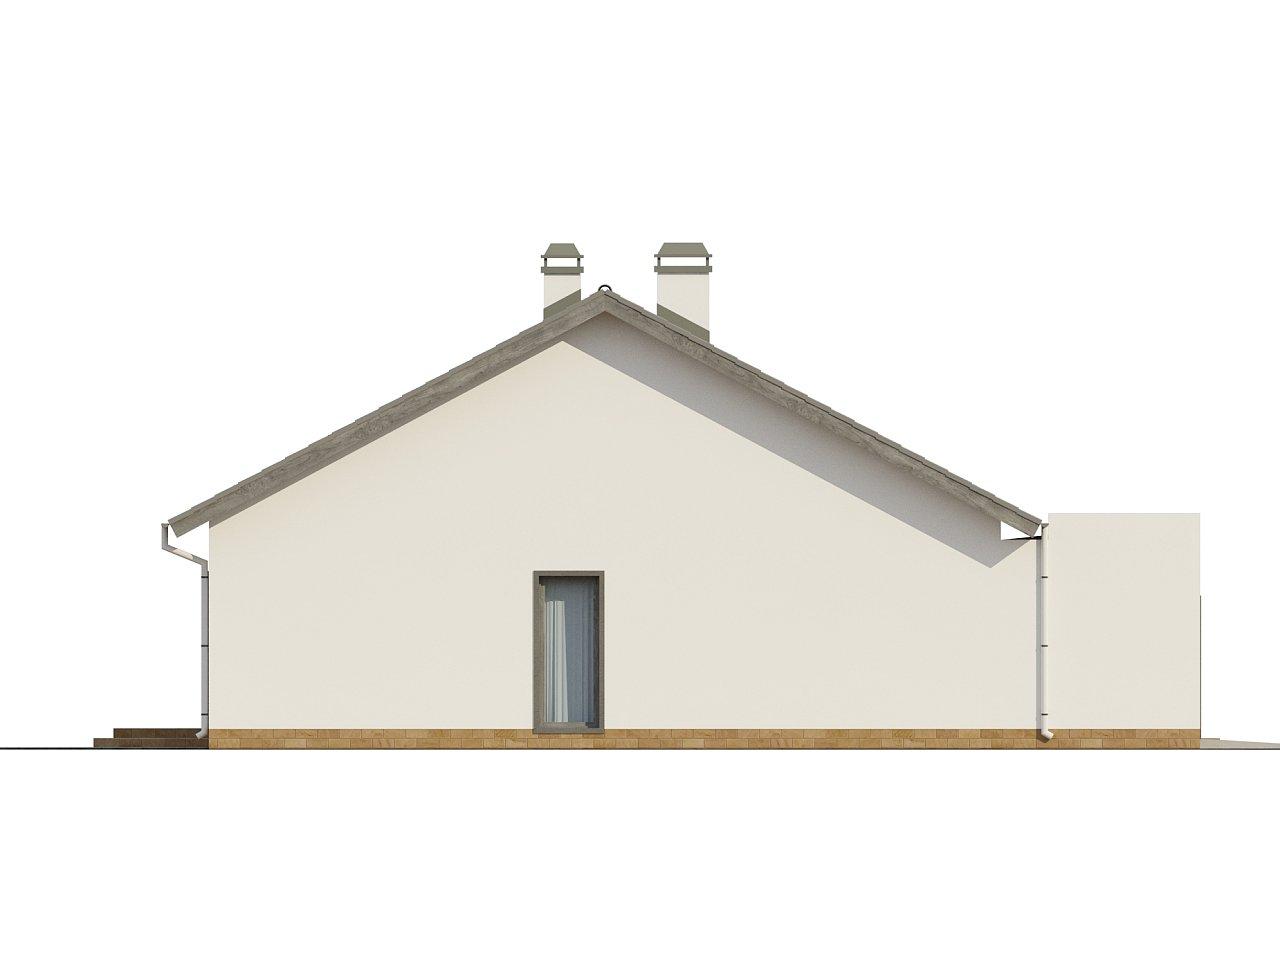 Дом традиционной формы с современными архитектурными дополнениями. Свободная планировка мансарды и антресоль над гостиной. 23